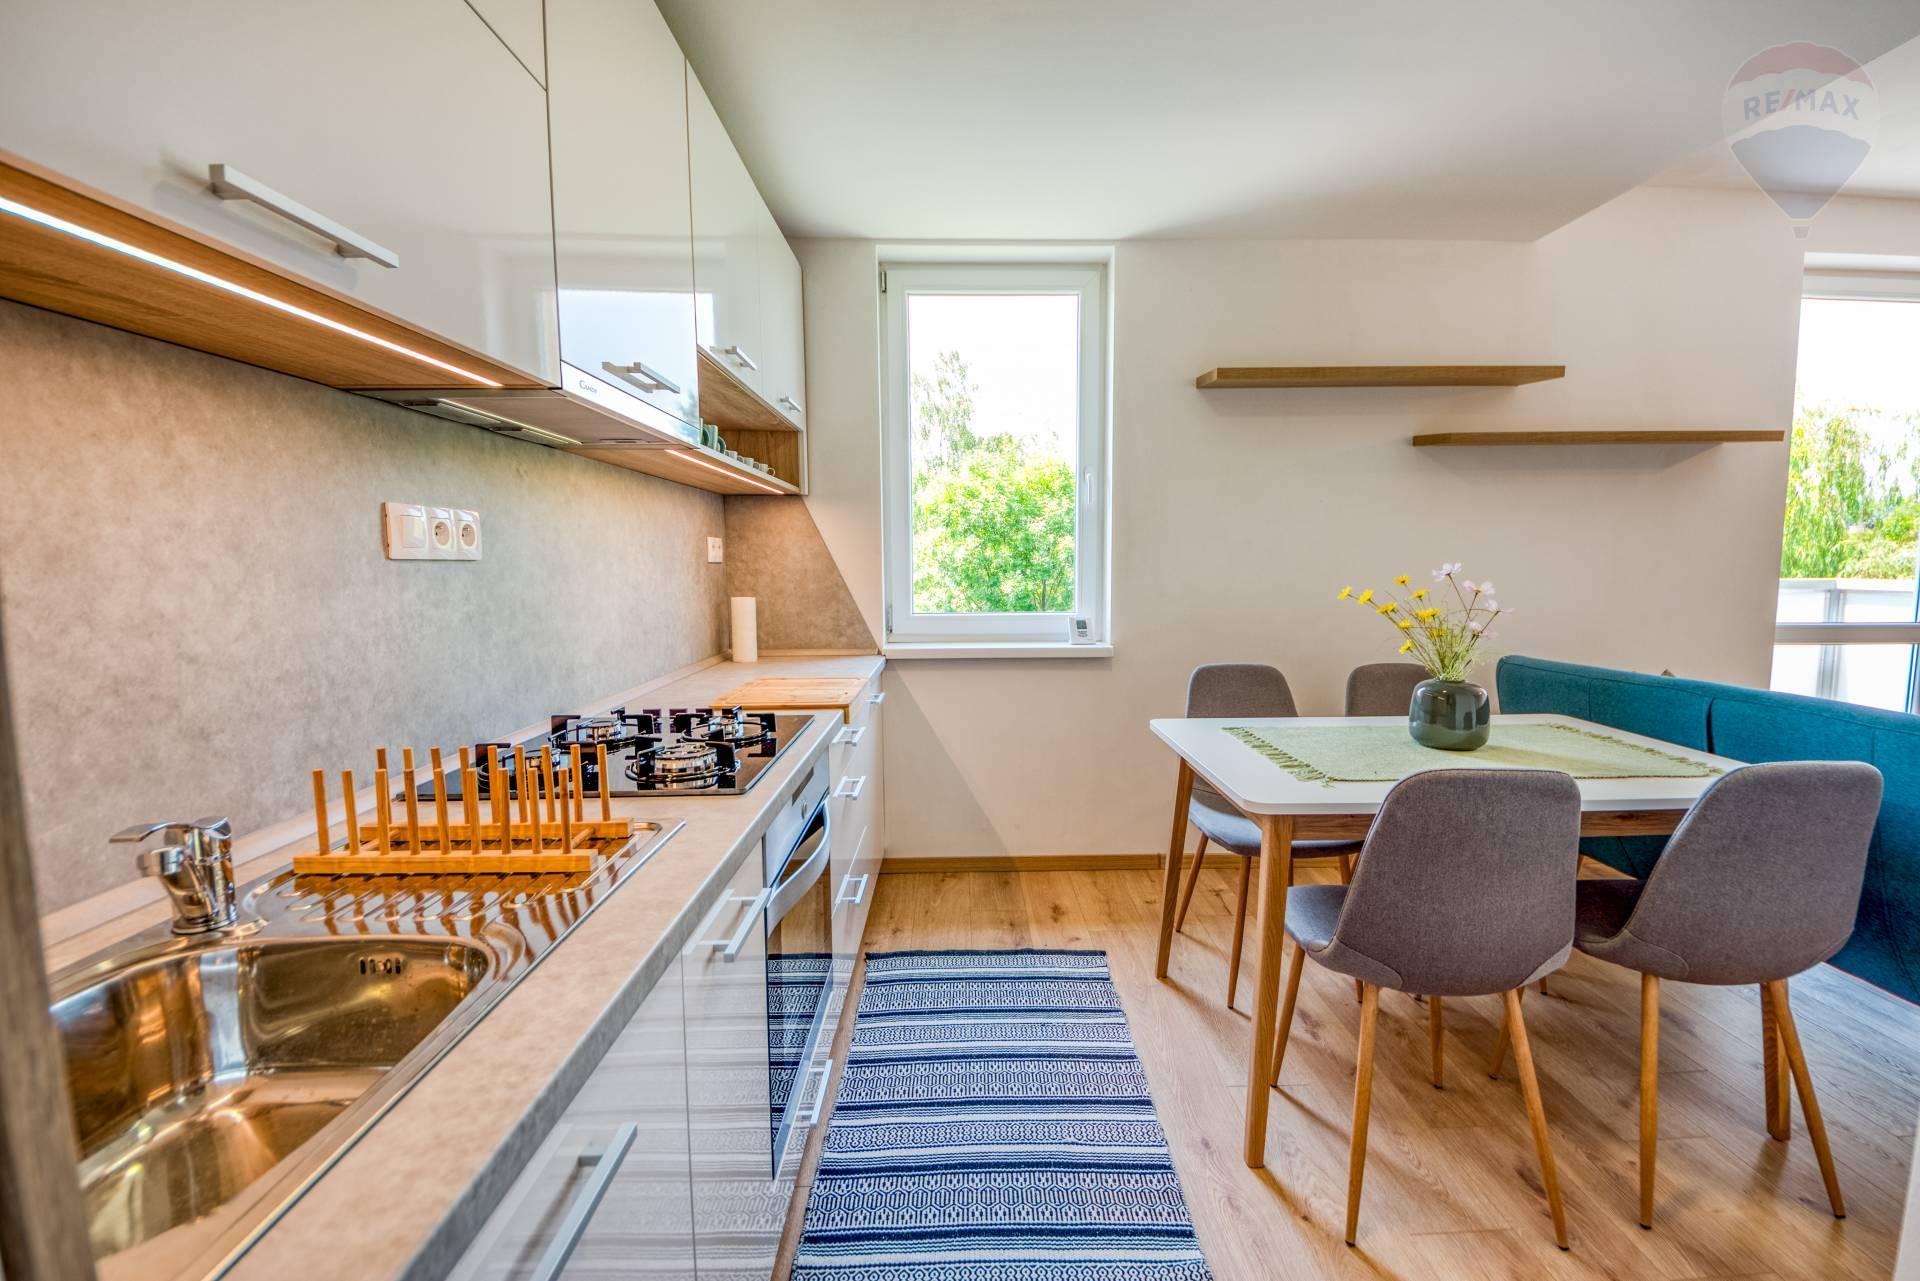 Moderný 2 izbový byt na prenájom, ulica Tarasa Ševčenka, Prešov